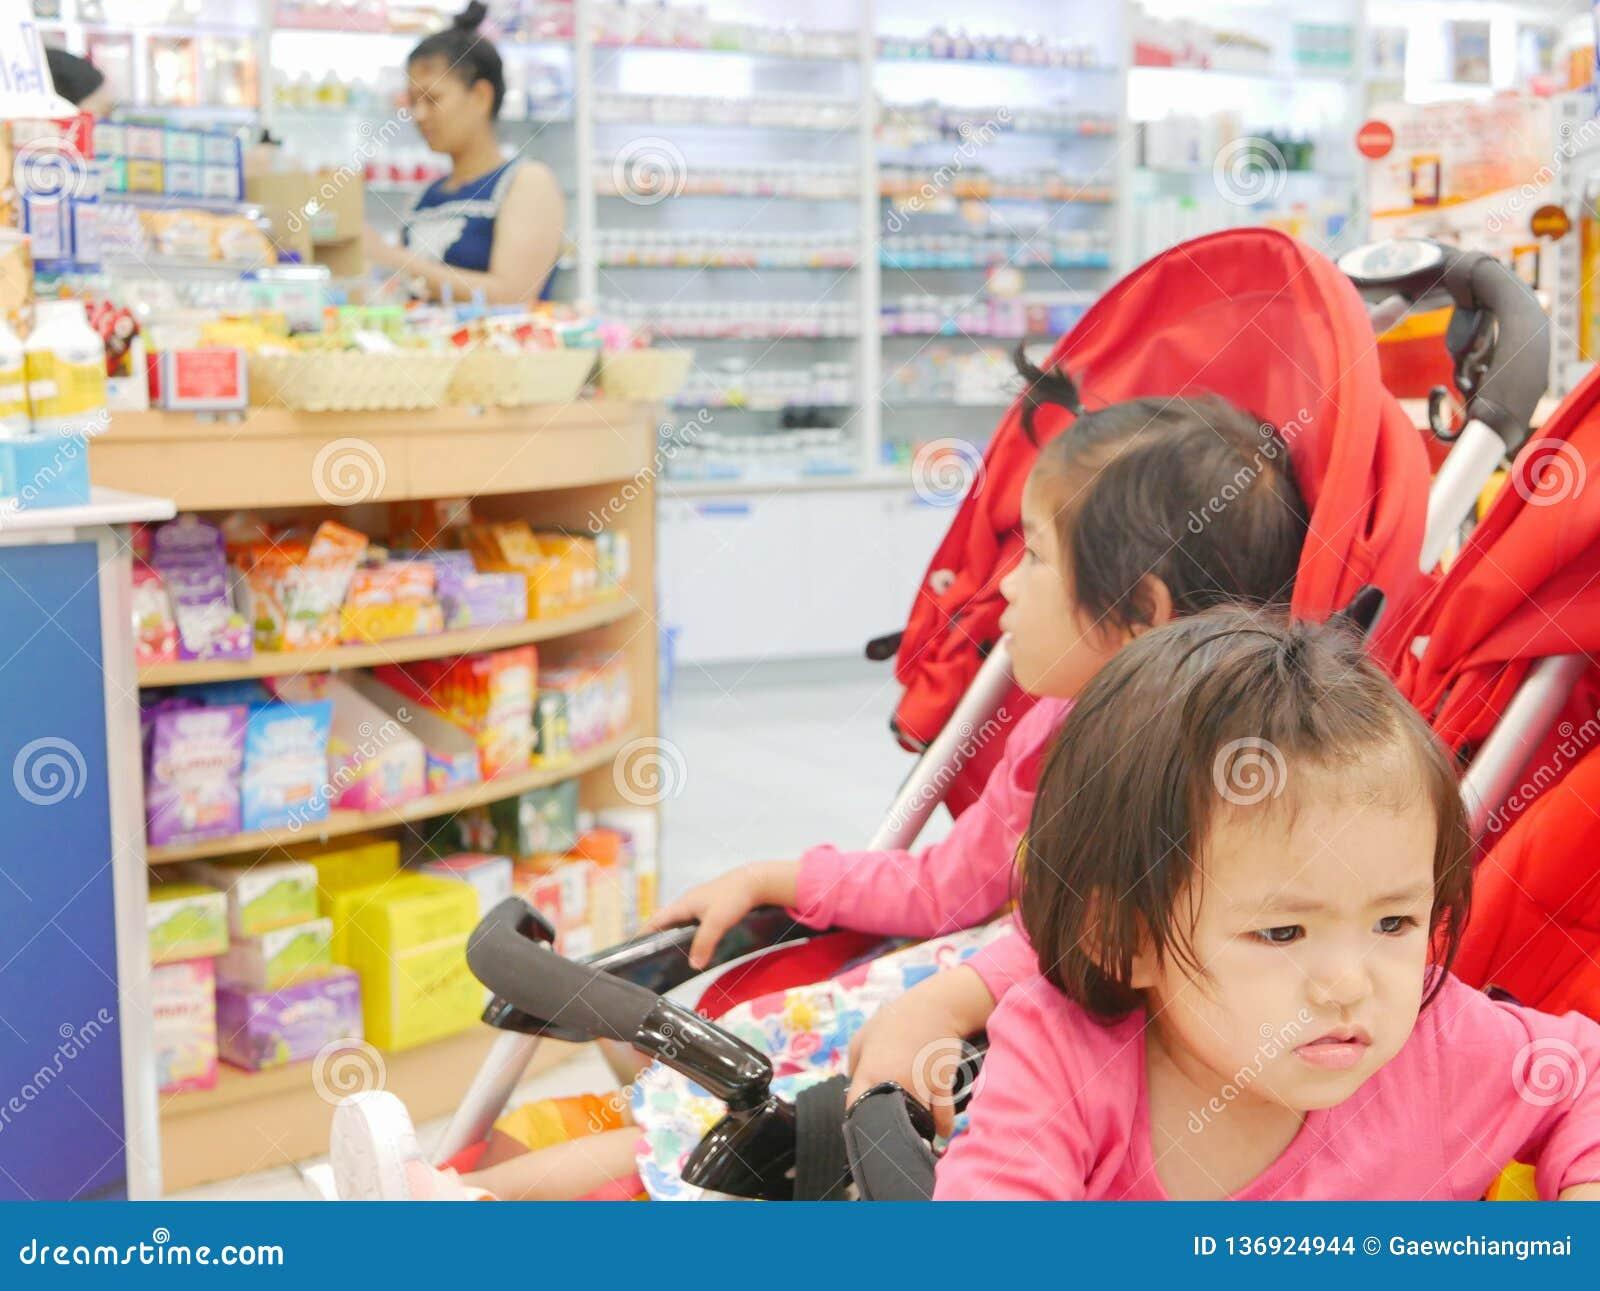 Λίγο ασιατικό μπροστινό να πάρει κοριτσάκι τρύπησε να περιμένει για πολύ καιρό σε έναν περιπατητή μωρών τα φάρμακα αγοράς μητέρων